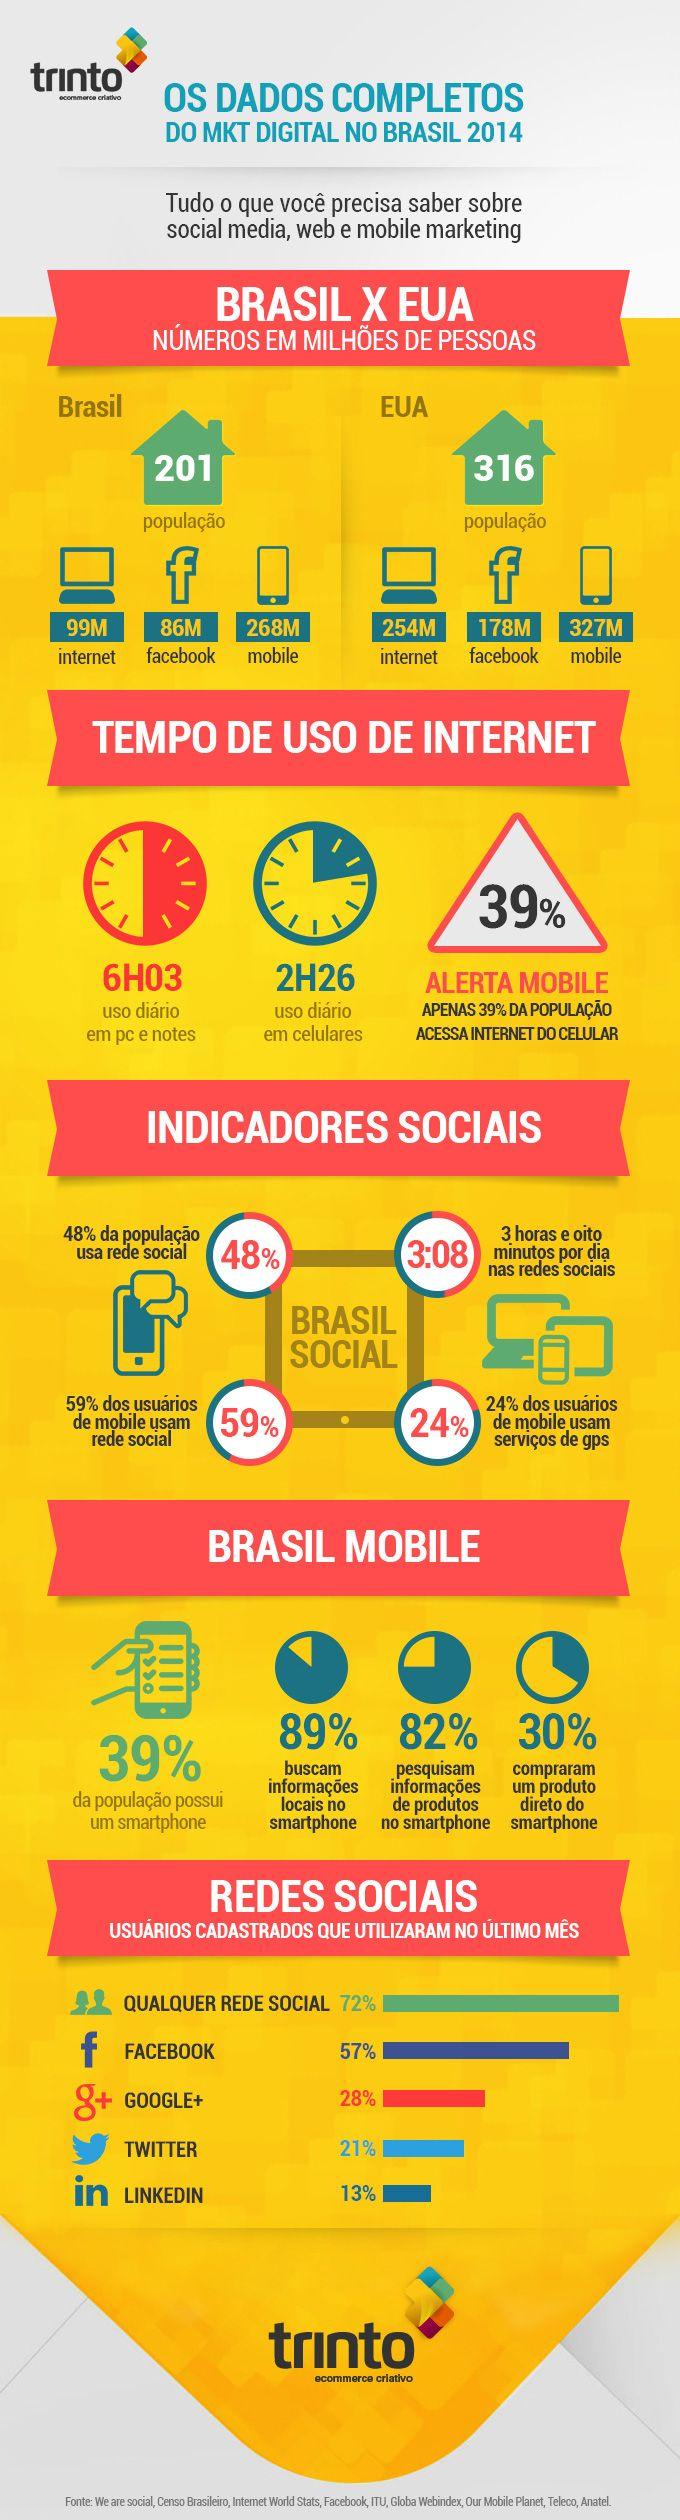 Os dados completos do MKT Digital no Brasil em 2014!